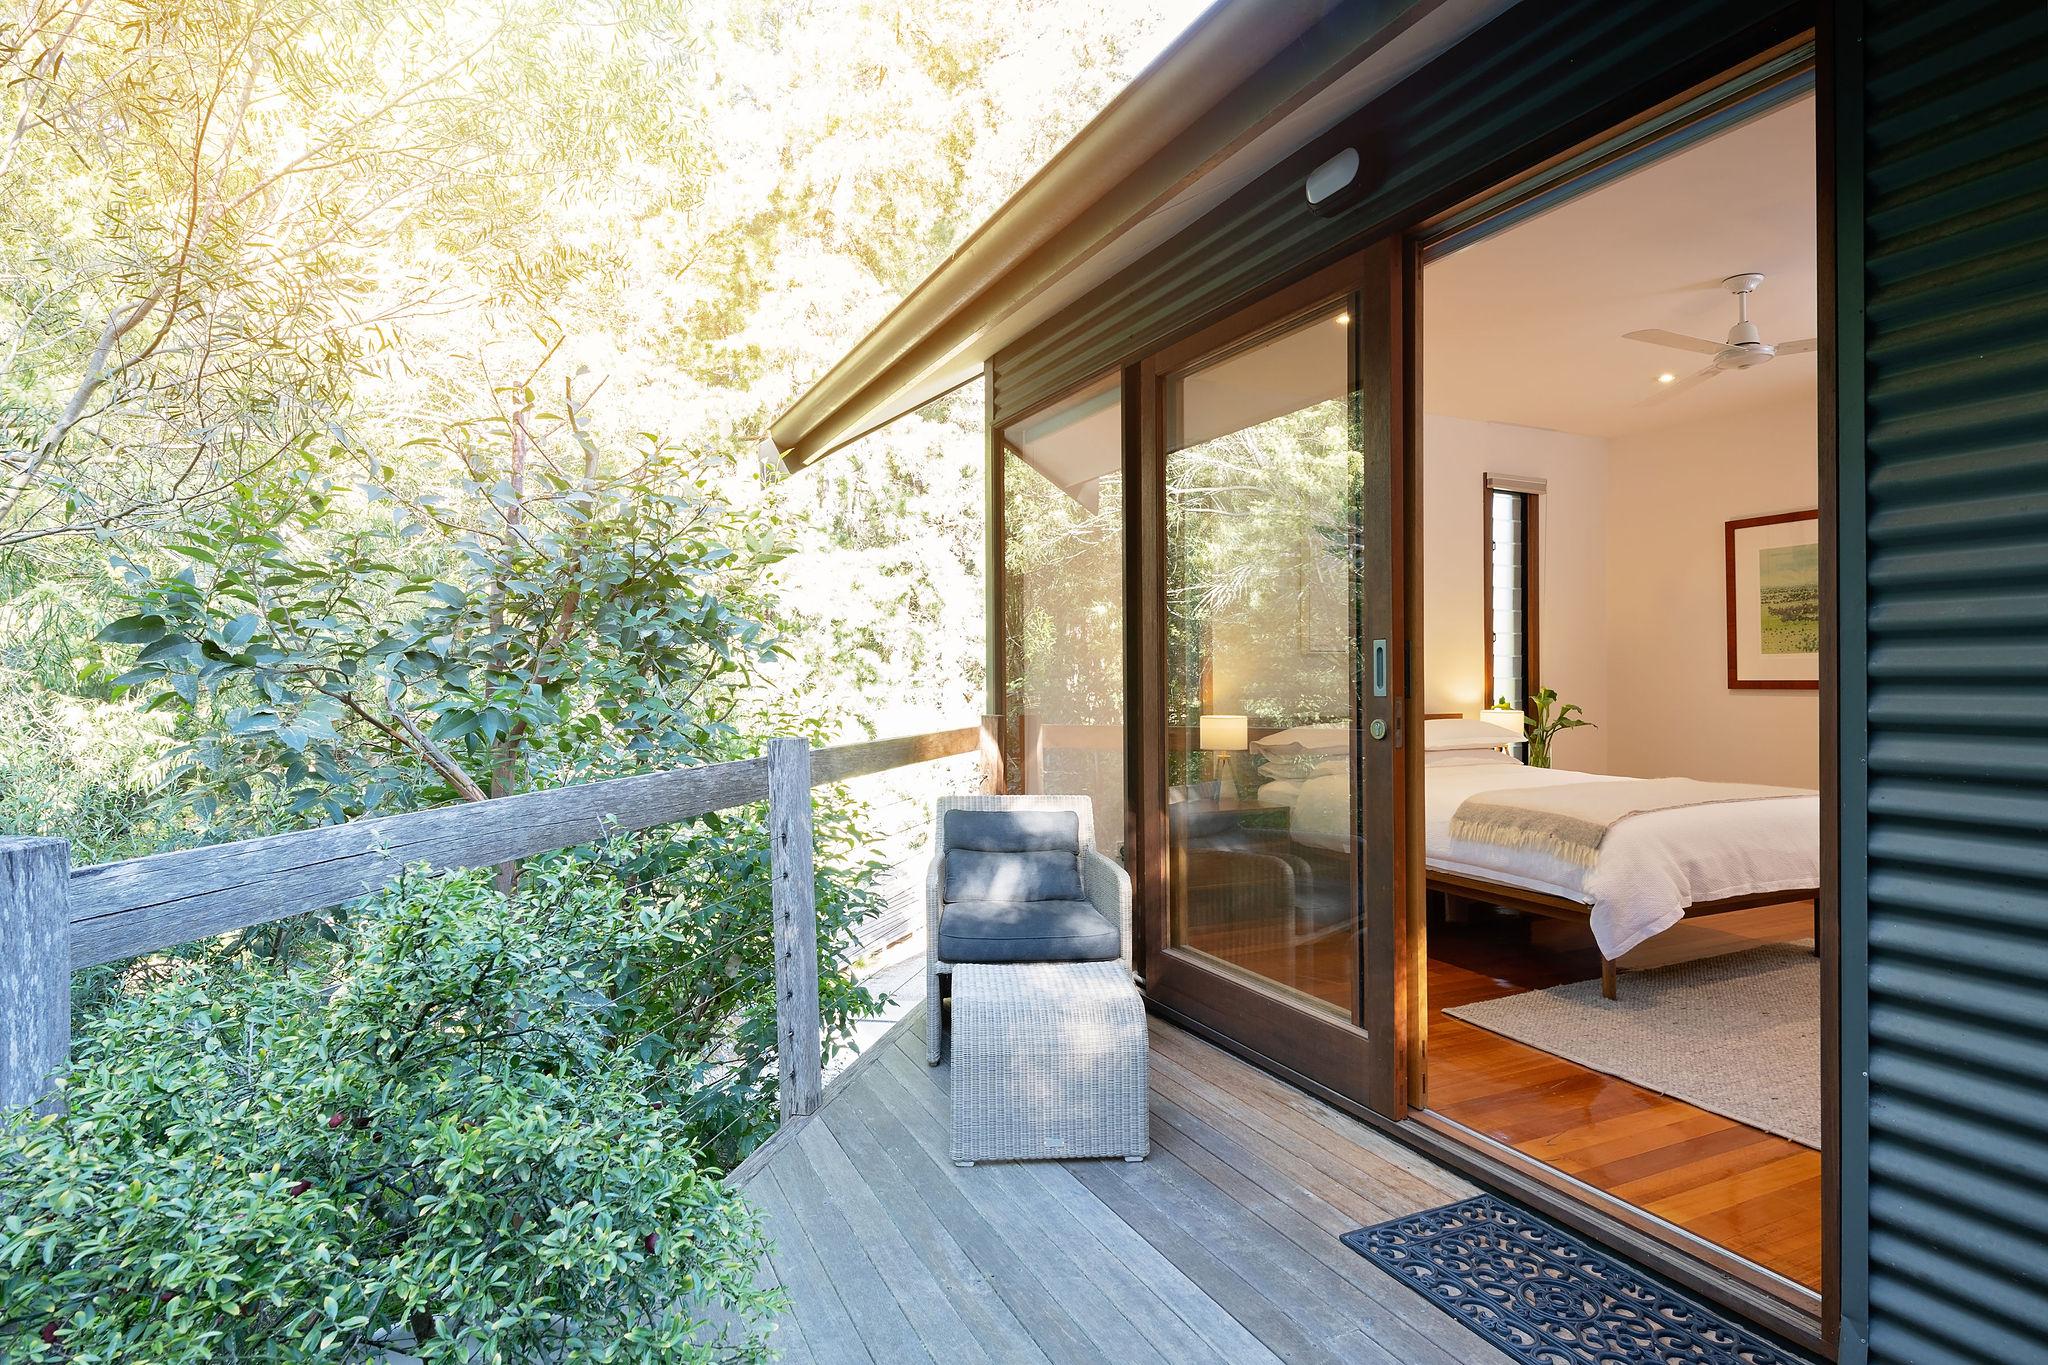 Gums deck to bedroom